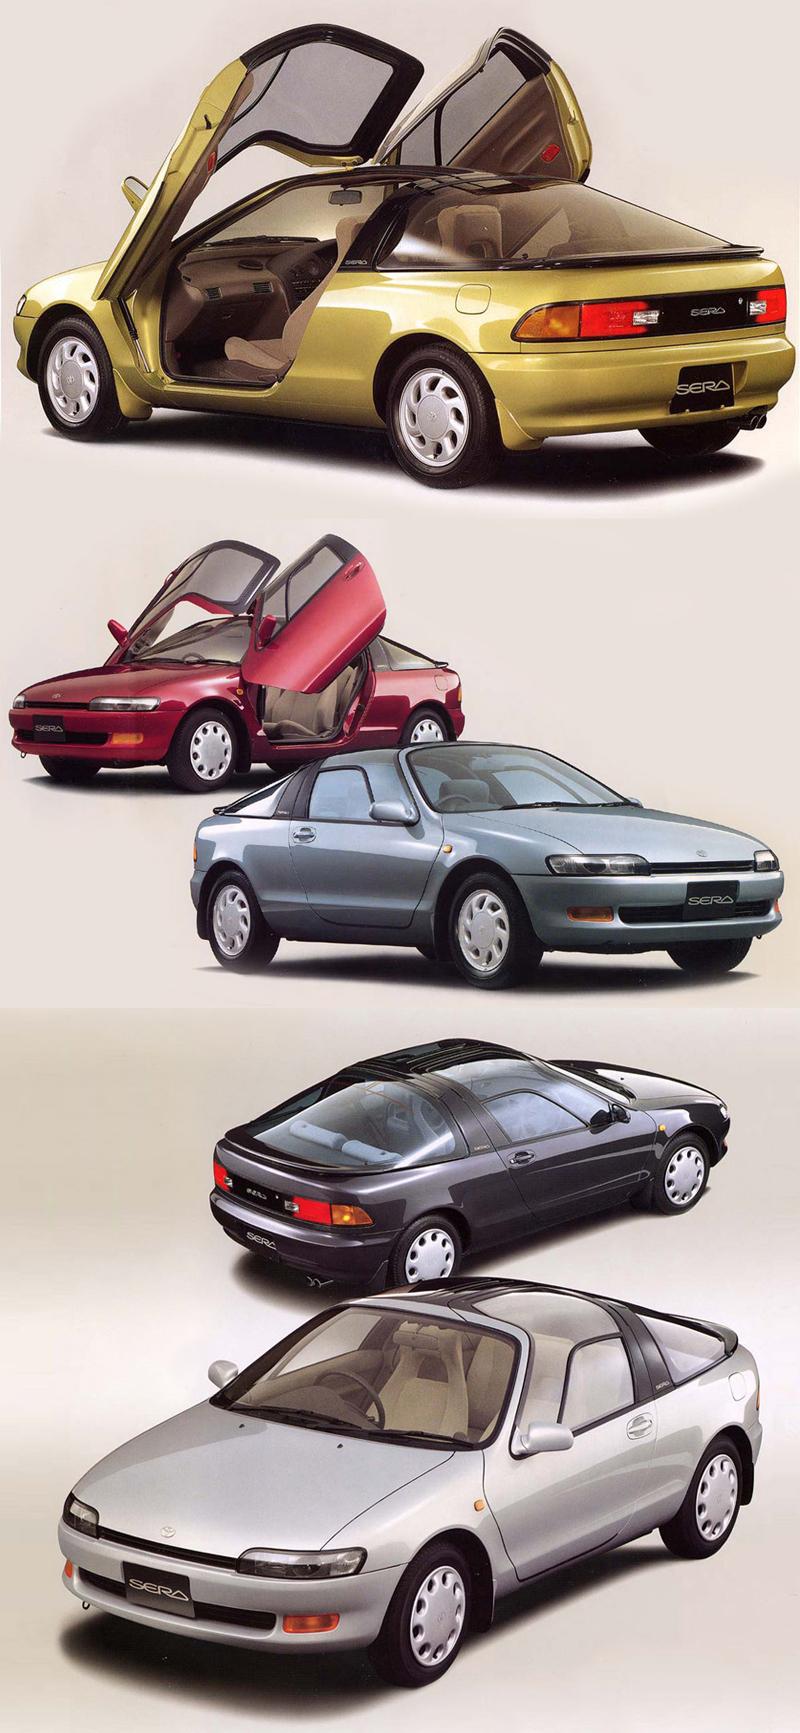 1990_Toyota_Sera_03_Variation